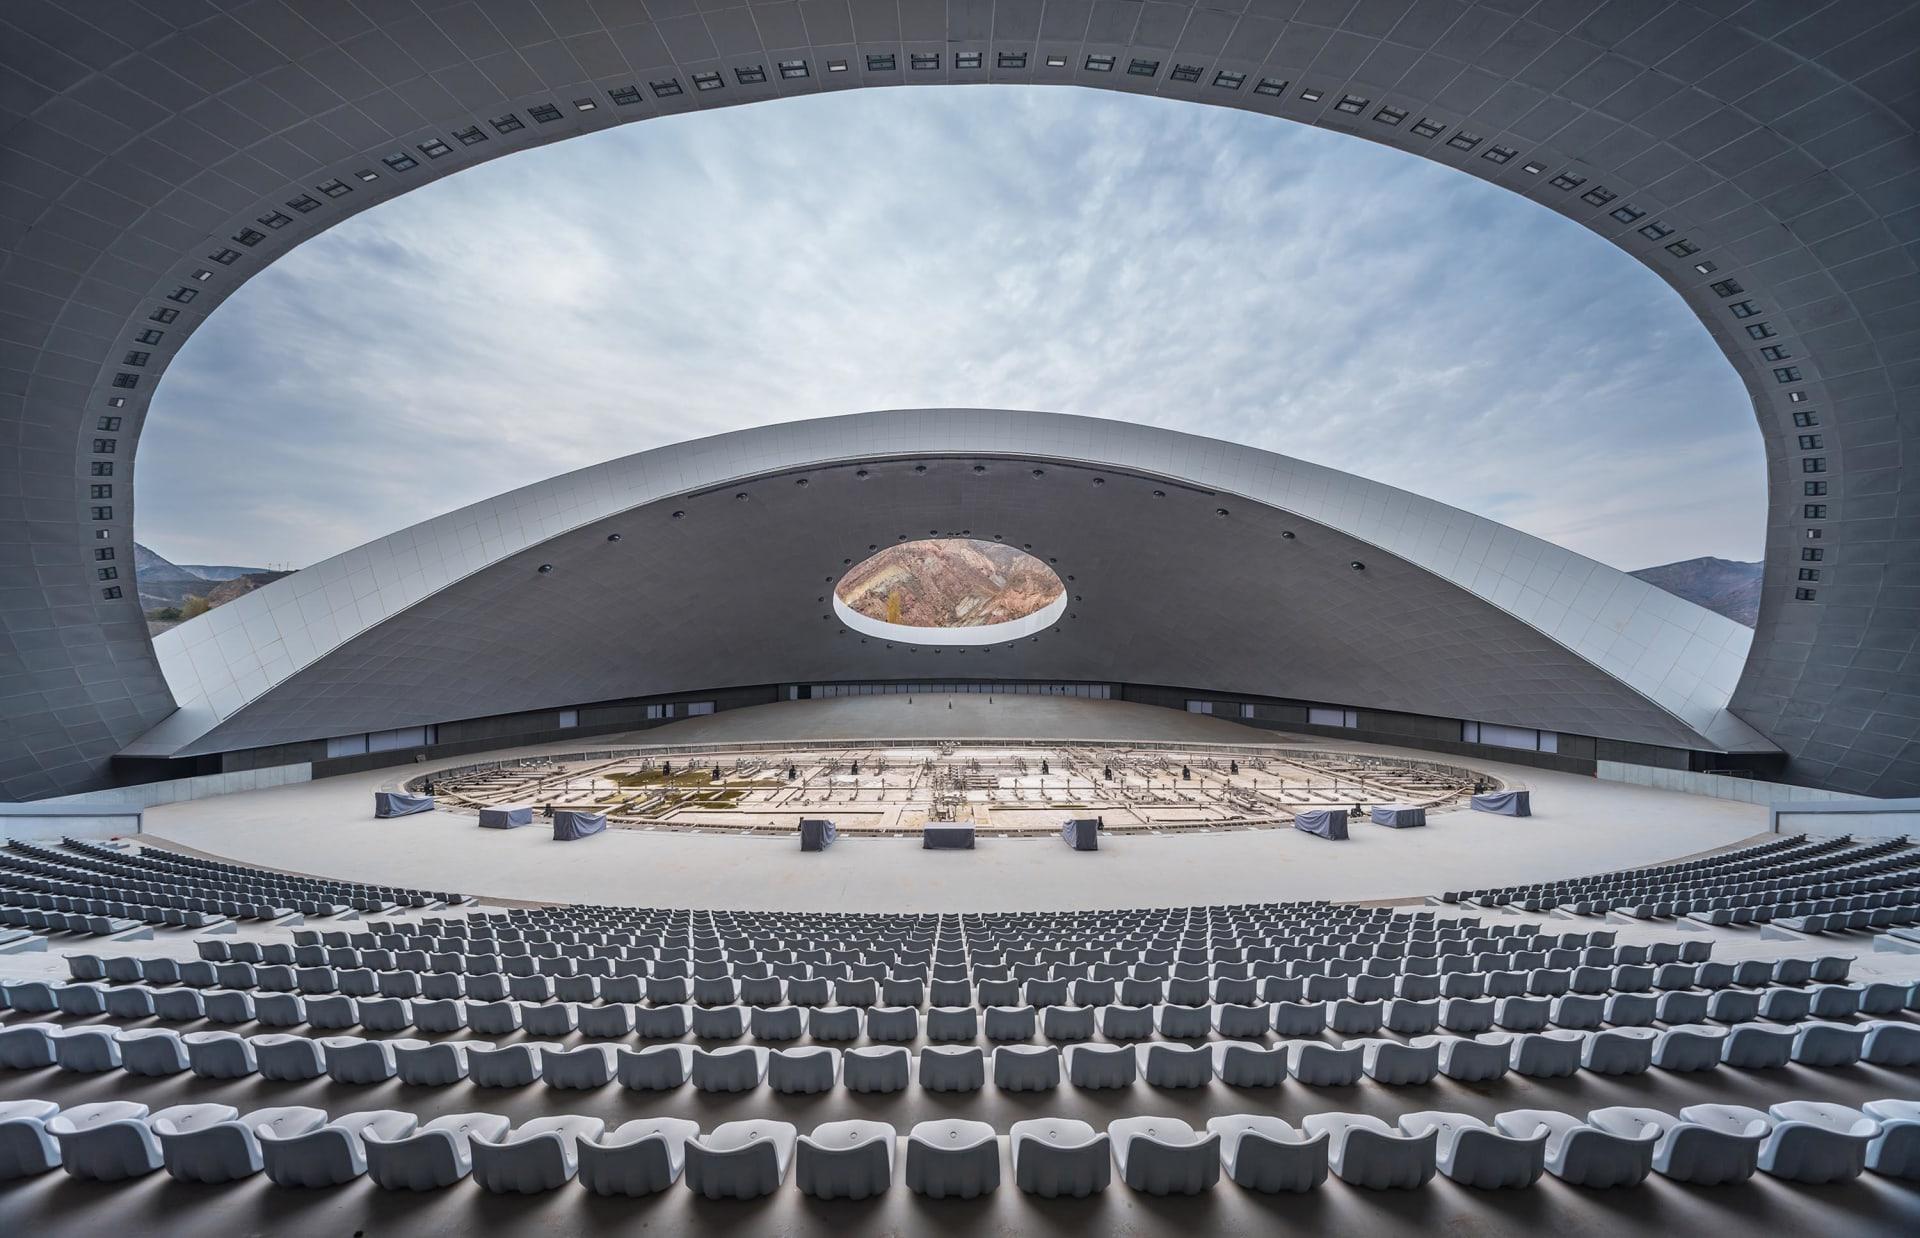 الكشف عن أفضل التصاميم المعمارية الجديدة في العالم